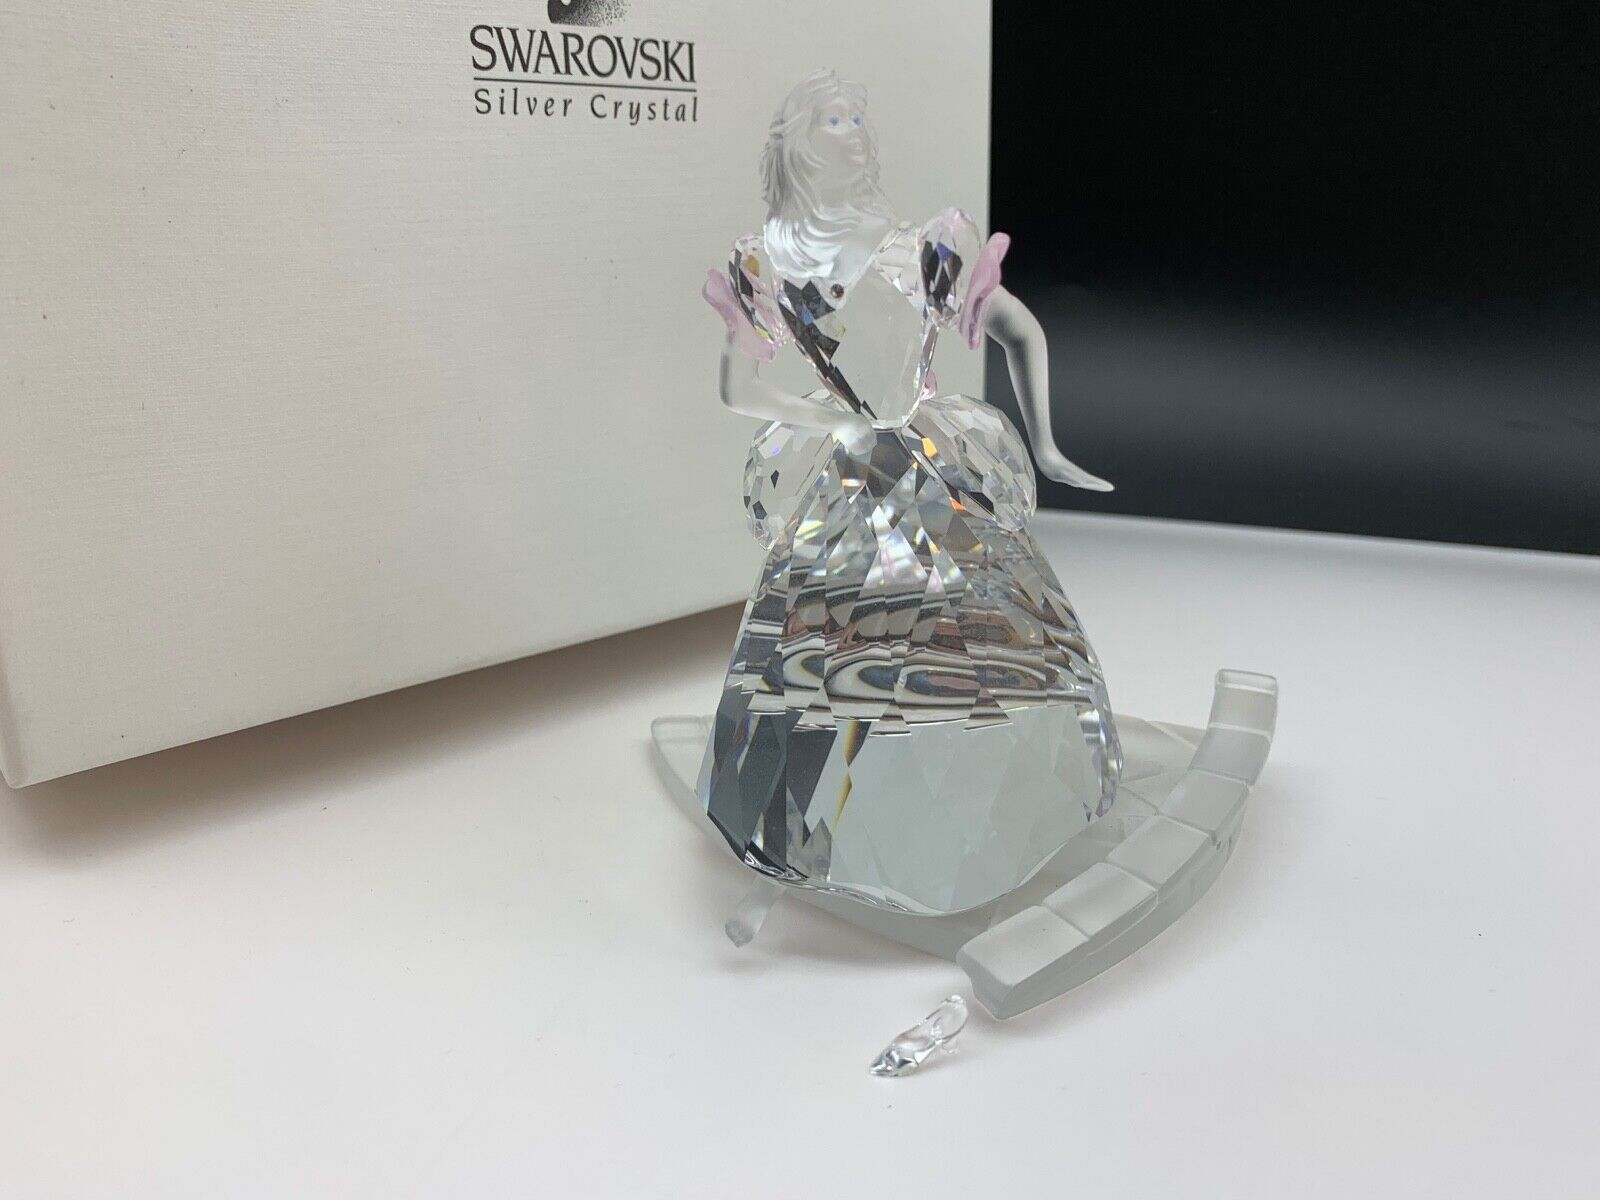 Swarovski Figur Cinderella 10,7 cm. Kiste und und und Zertifikat.  Top Zustand b38114